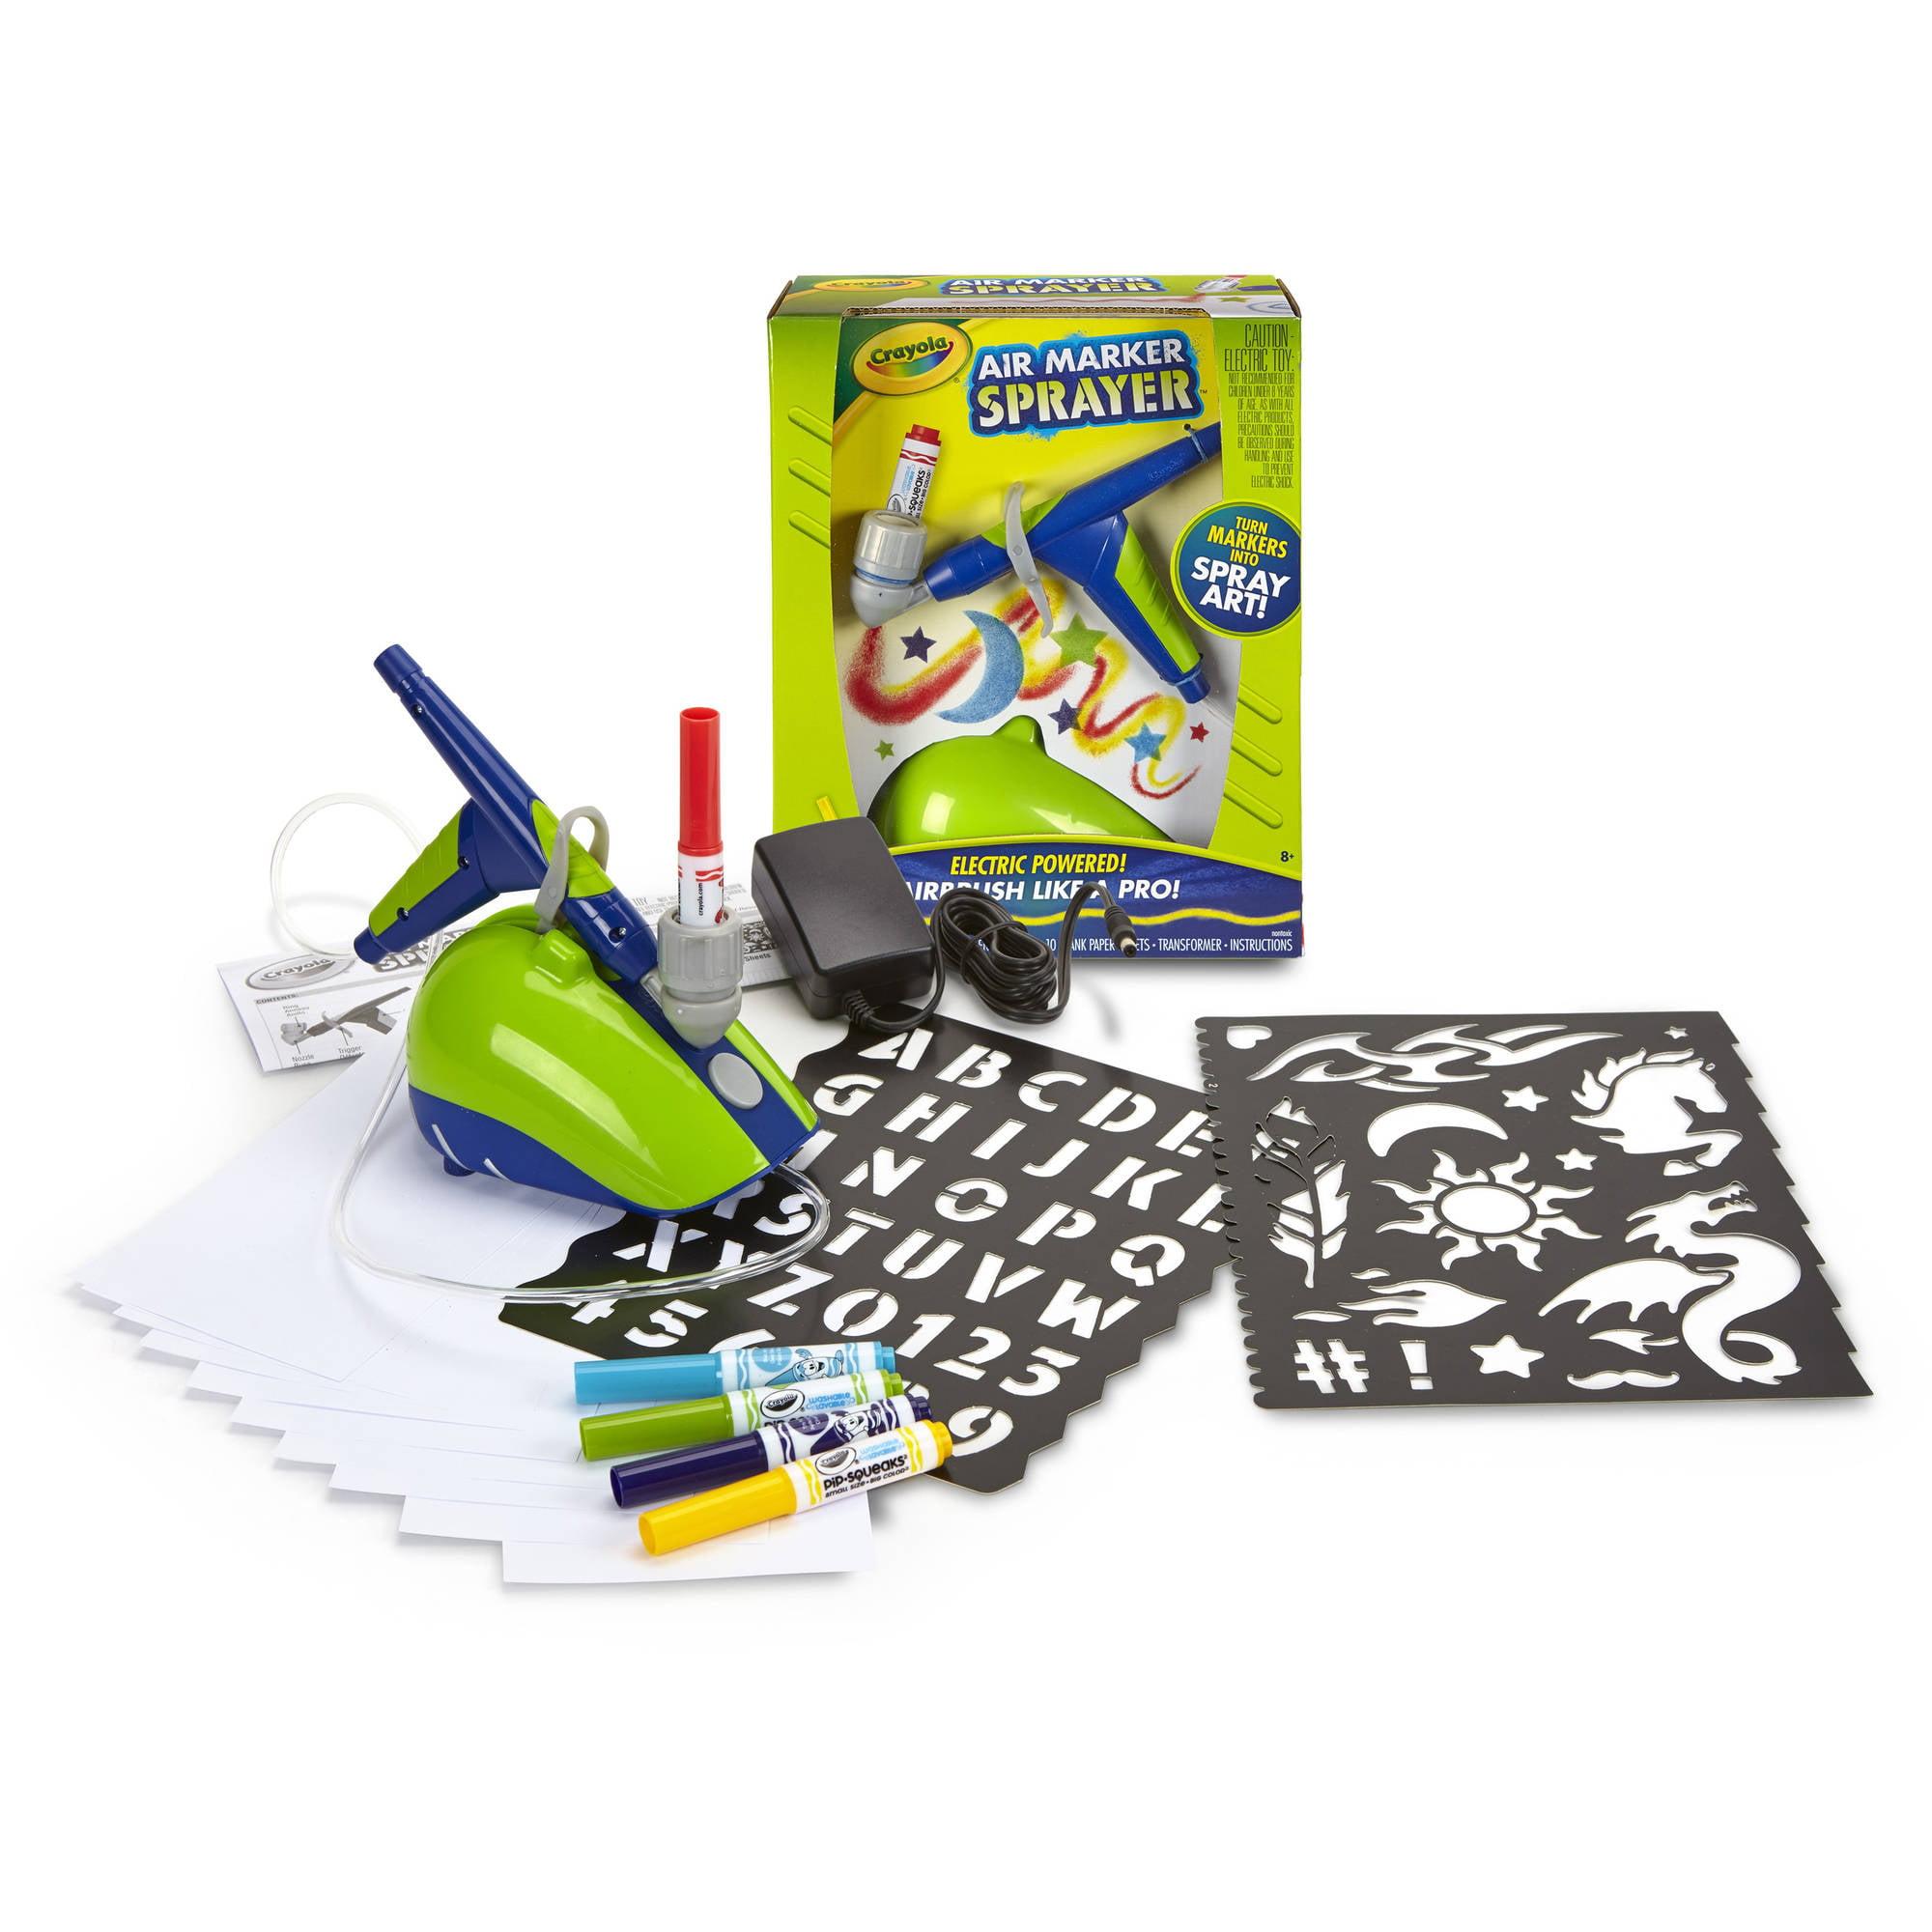 Crayola Air Marker Sprayer Set, 18 Pieces